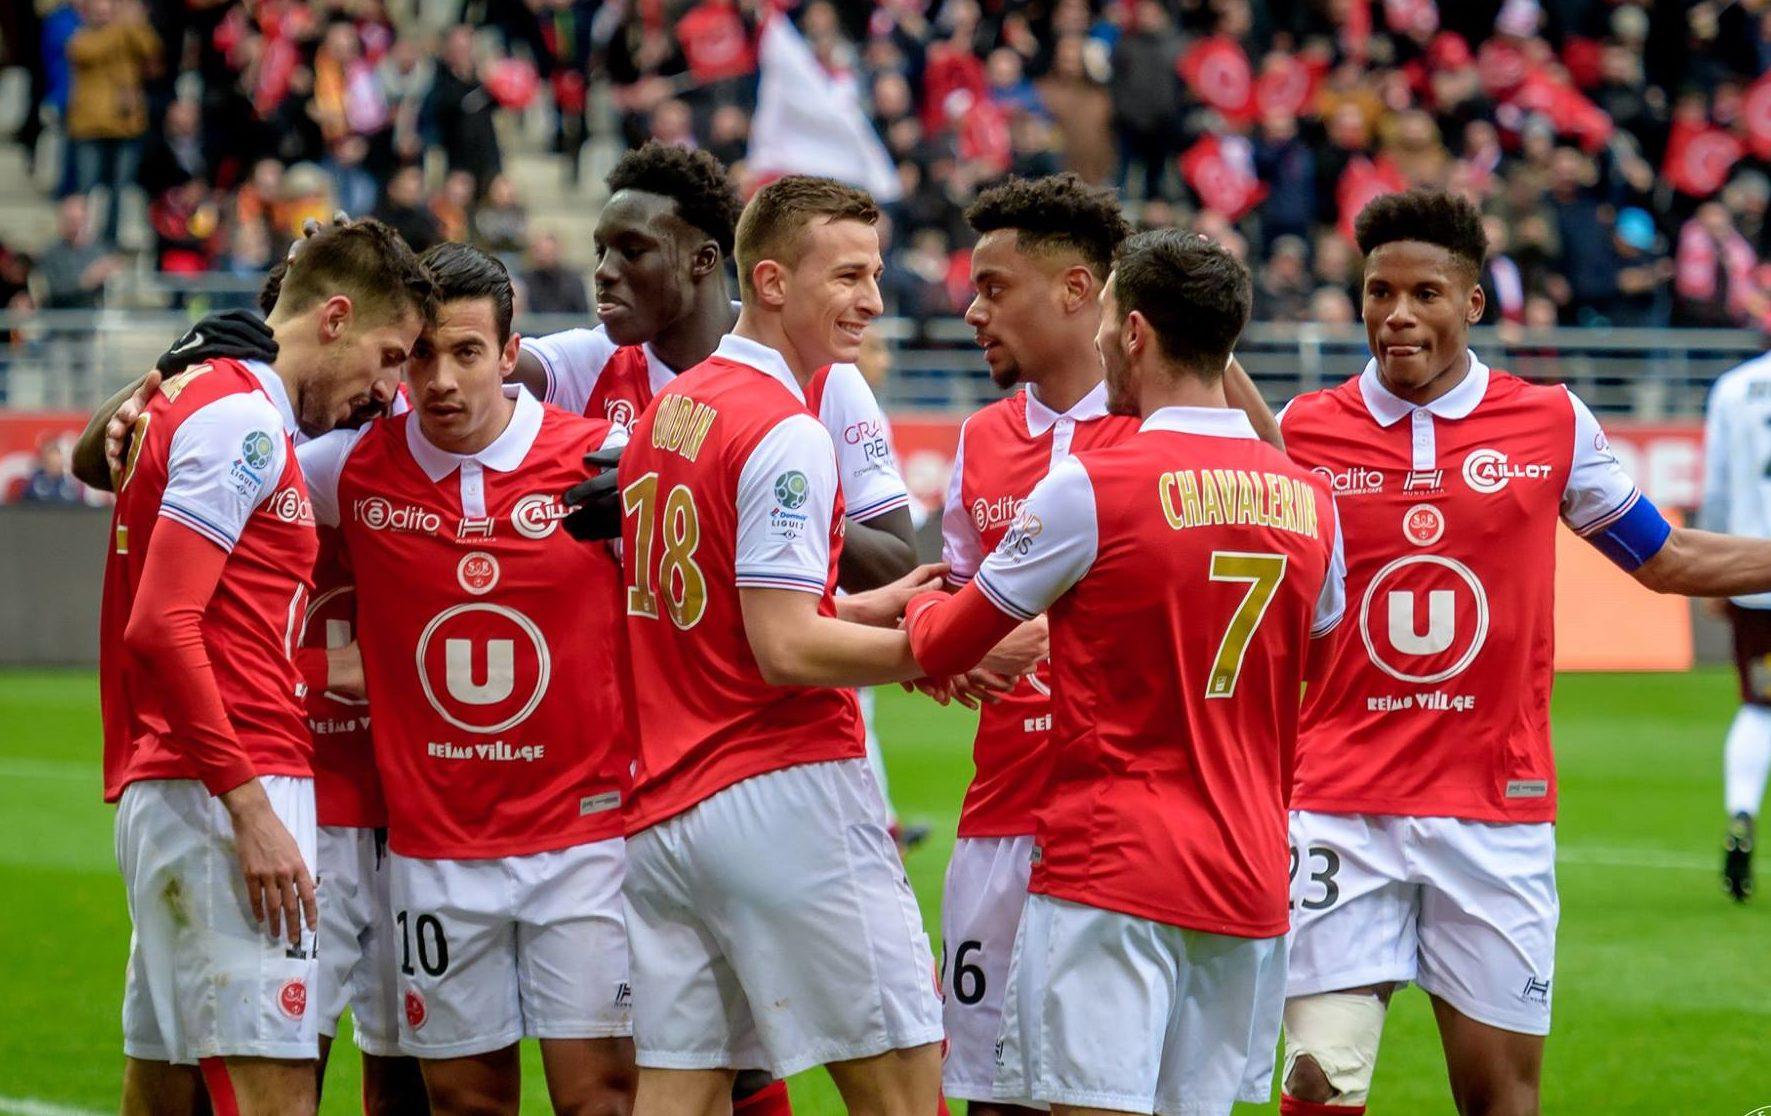 Reims-Tolosa 5 dicembre: si gioca per la 16 esima giornata del campionato francese. I padroni di casa sono favoriti per i 3 punti.